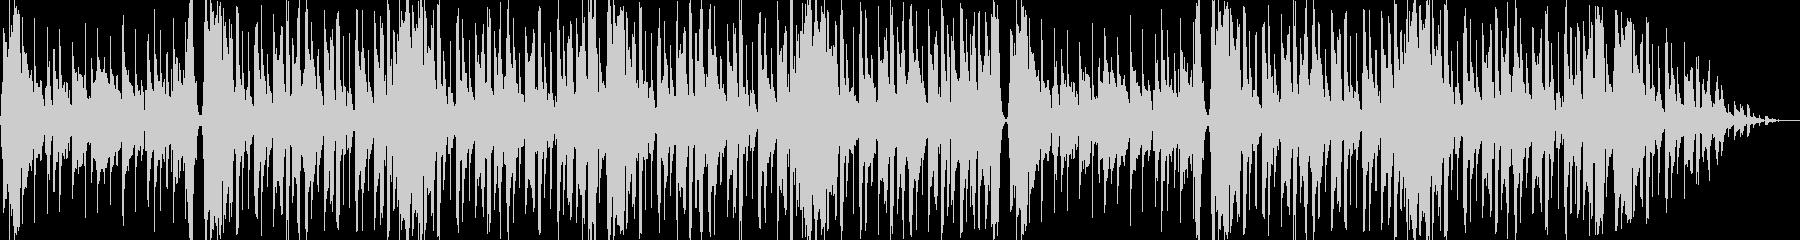 ゆったりとした優しいエレクトロBGMの未再生の波形